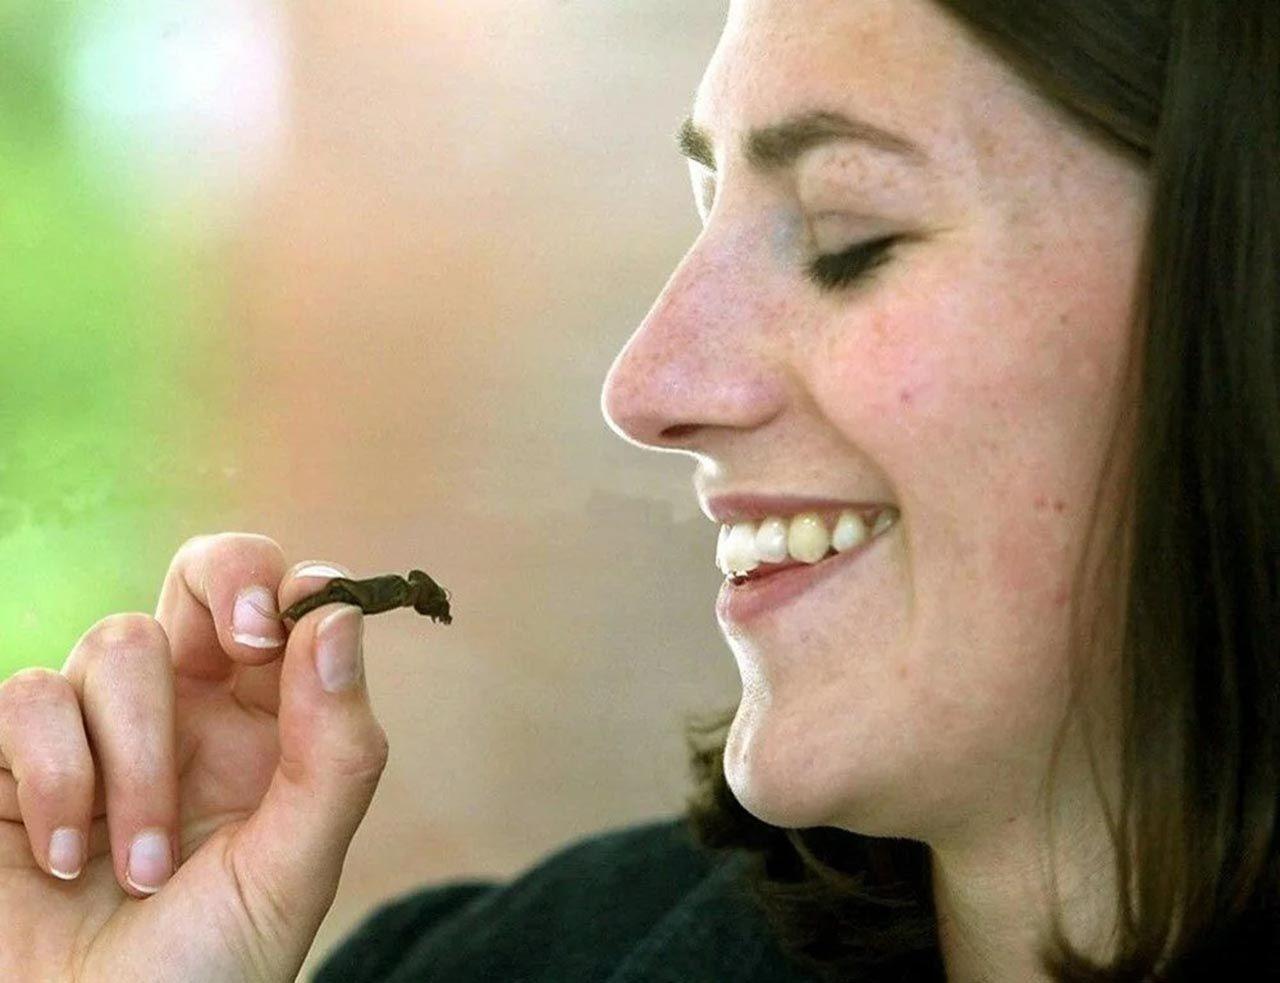 Yenilebilir böcekler süpermarketlere geliyor - Resim: 4